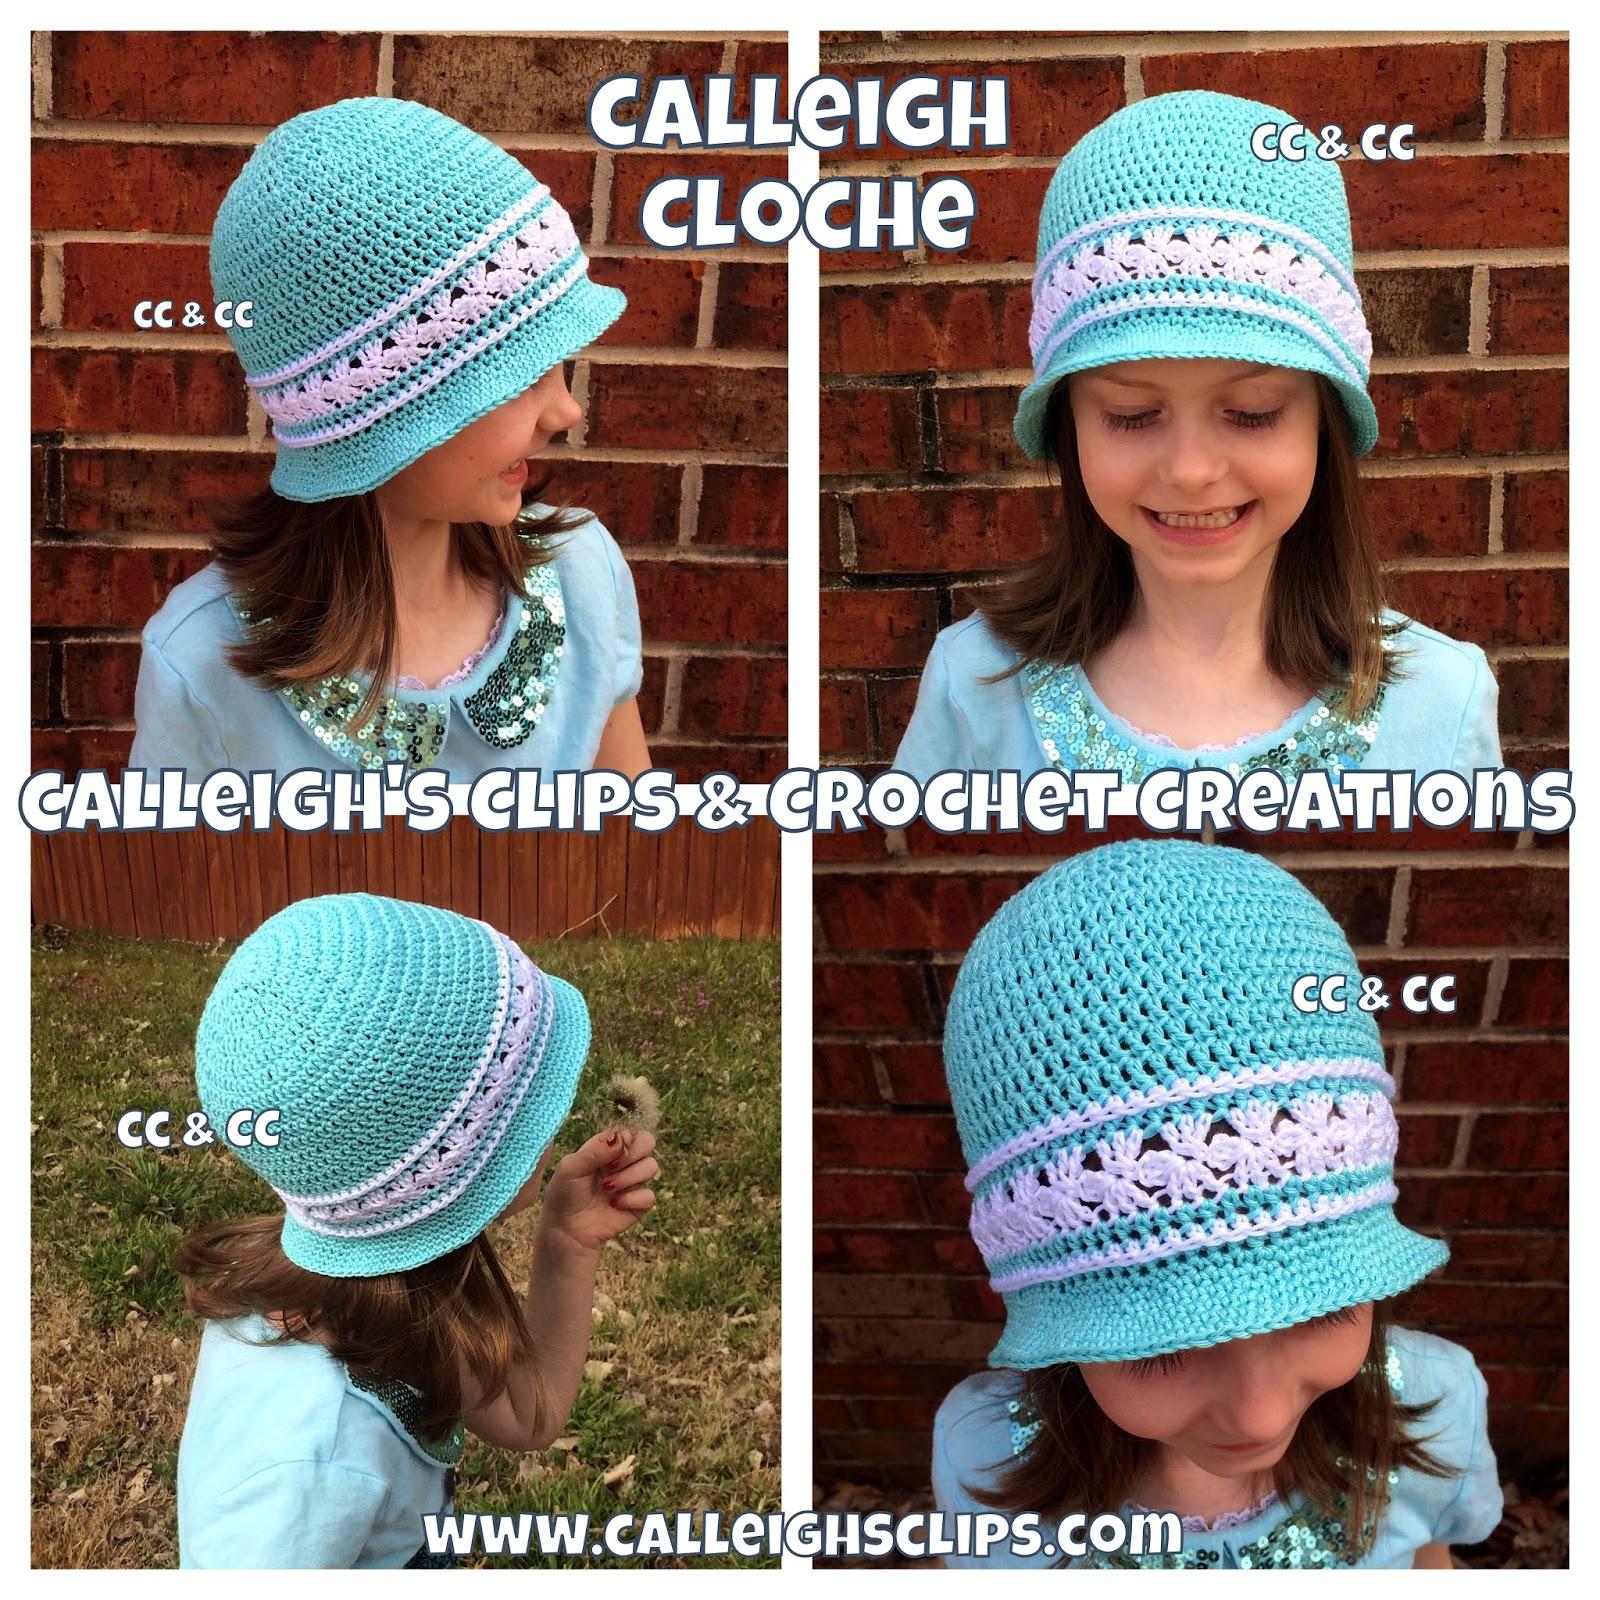 New Calleigh Cloche